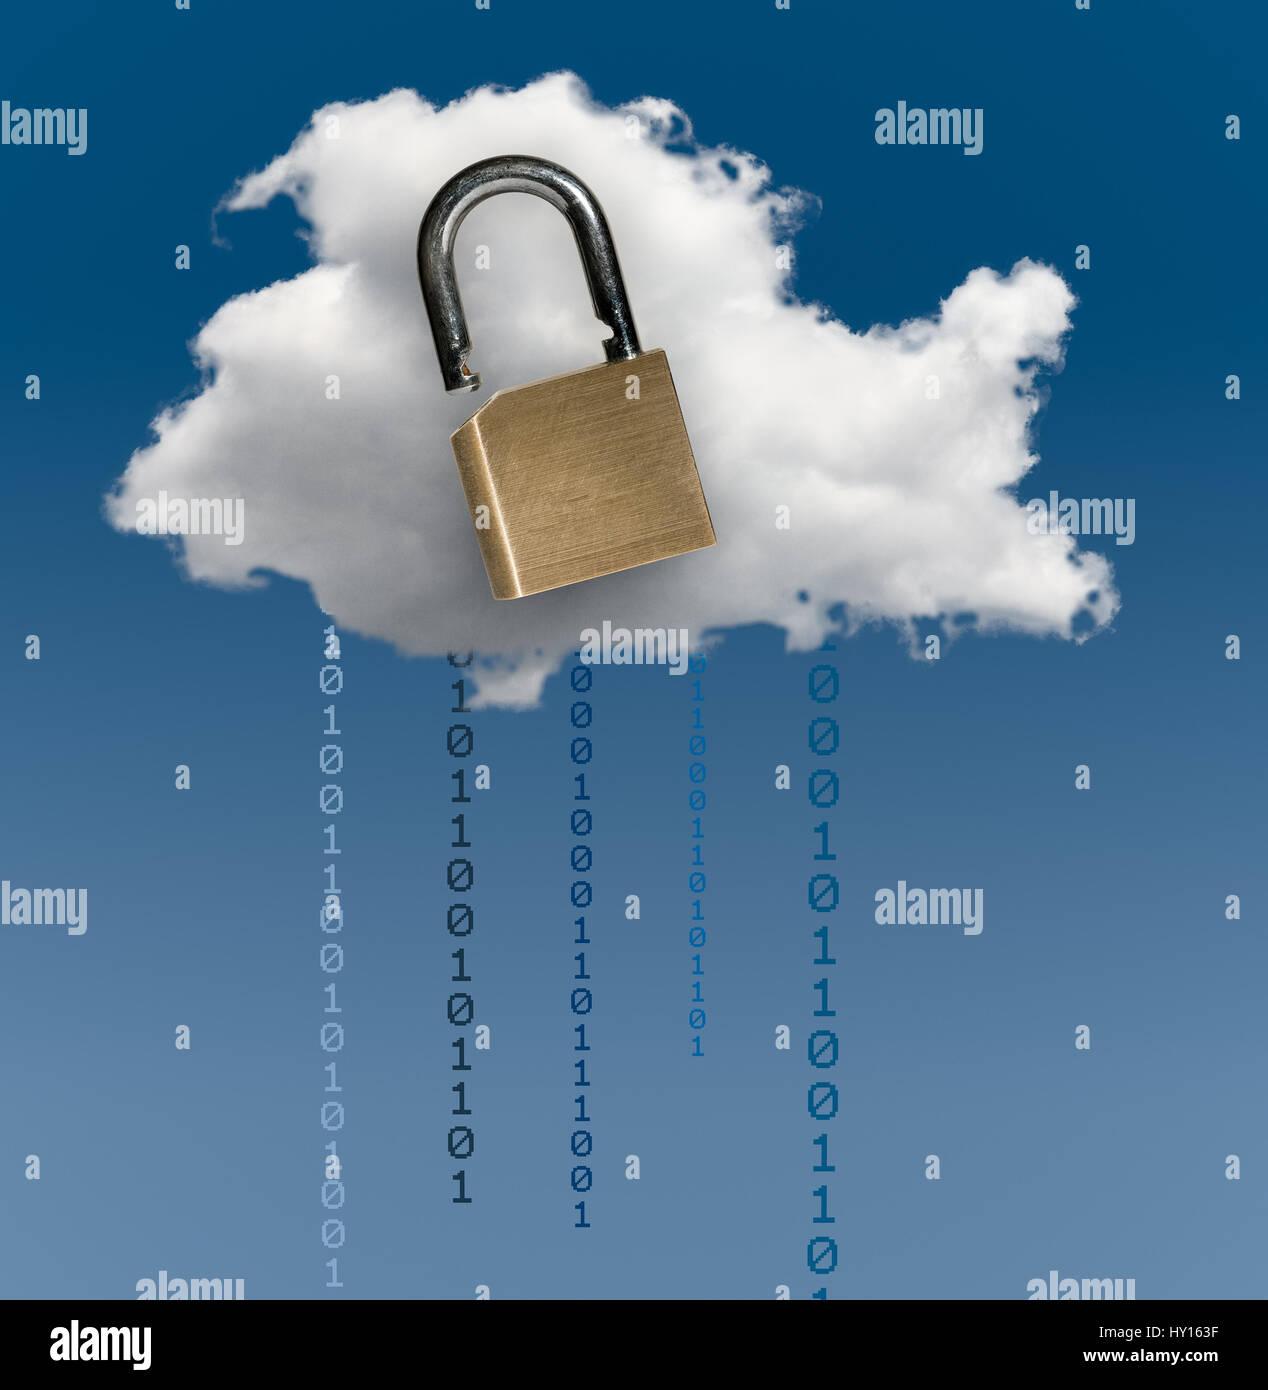 Notion de droit de l'informatique cloud la cybercriminalité et la sécurité des applications en Photo Stock